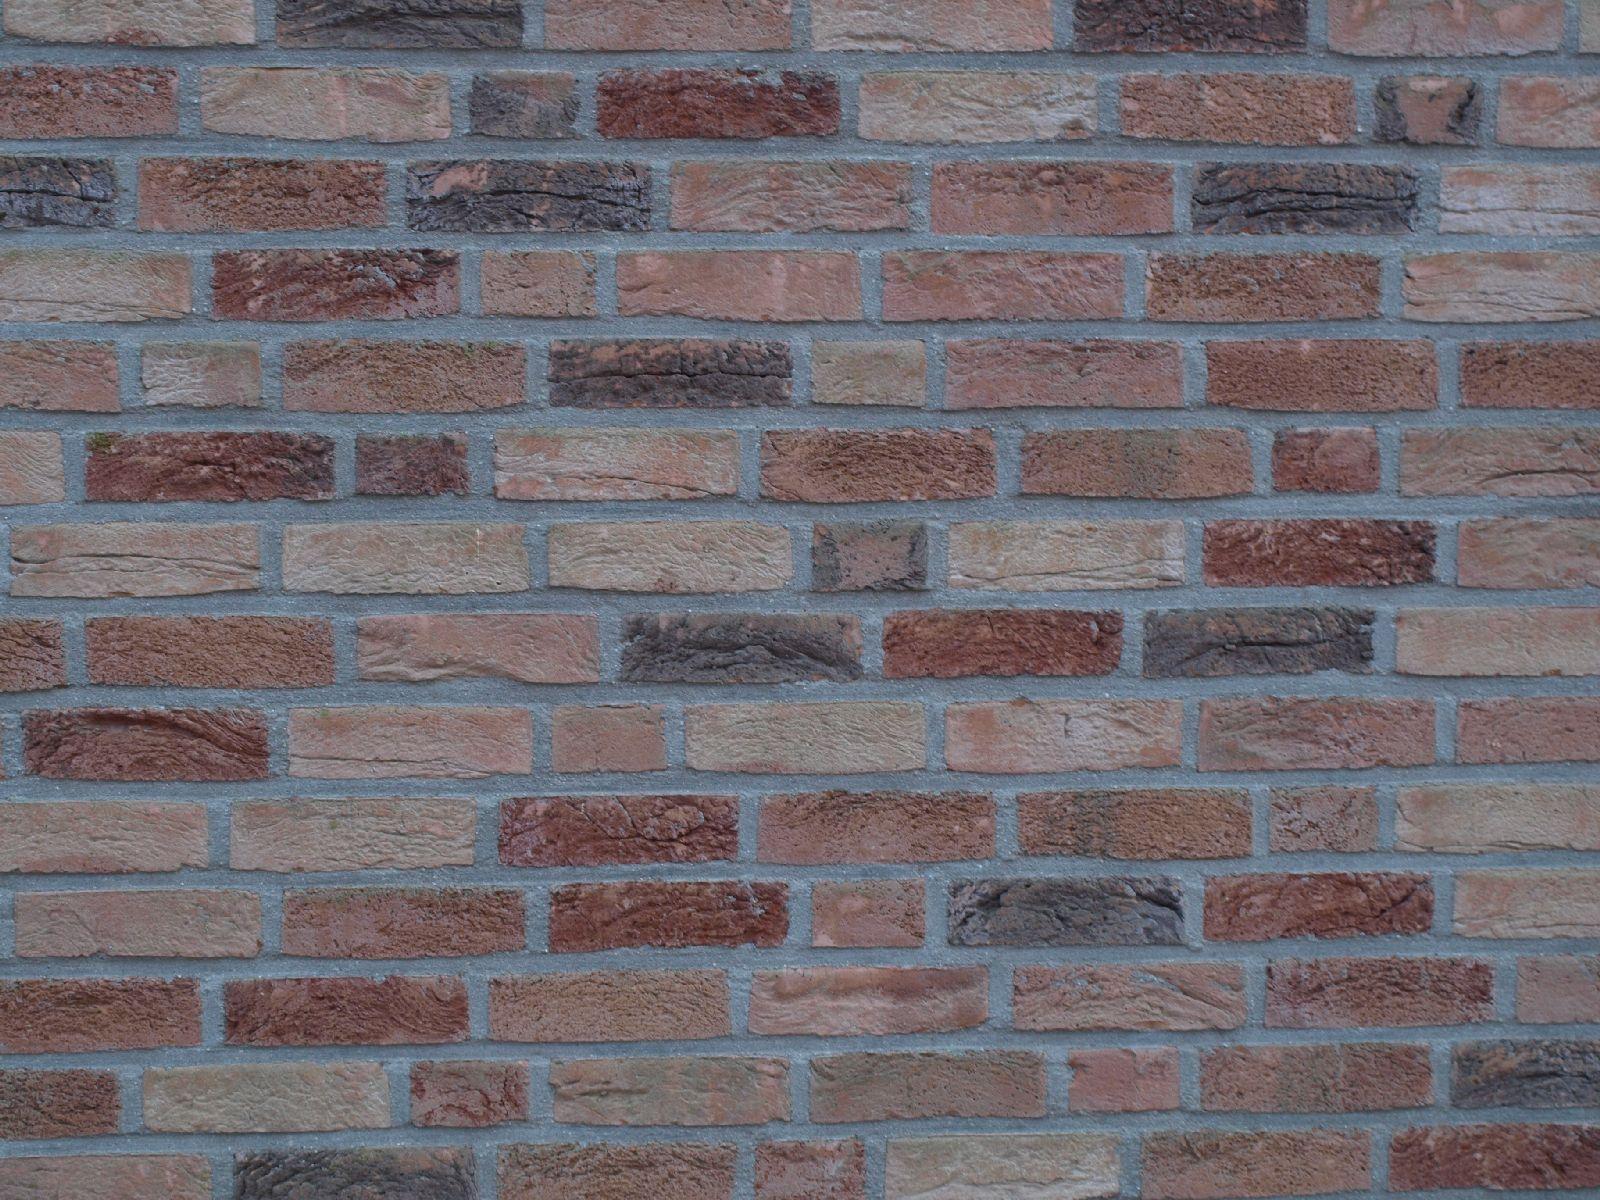 Brick_Texture_A_P1018643